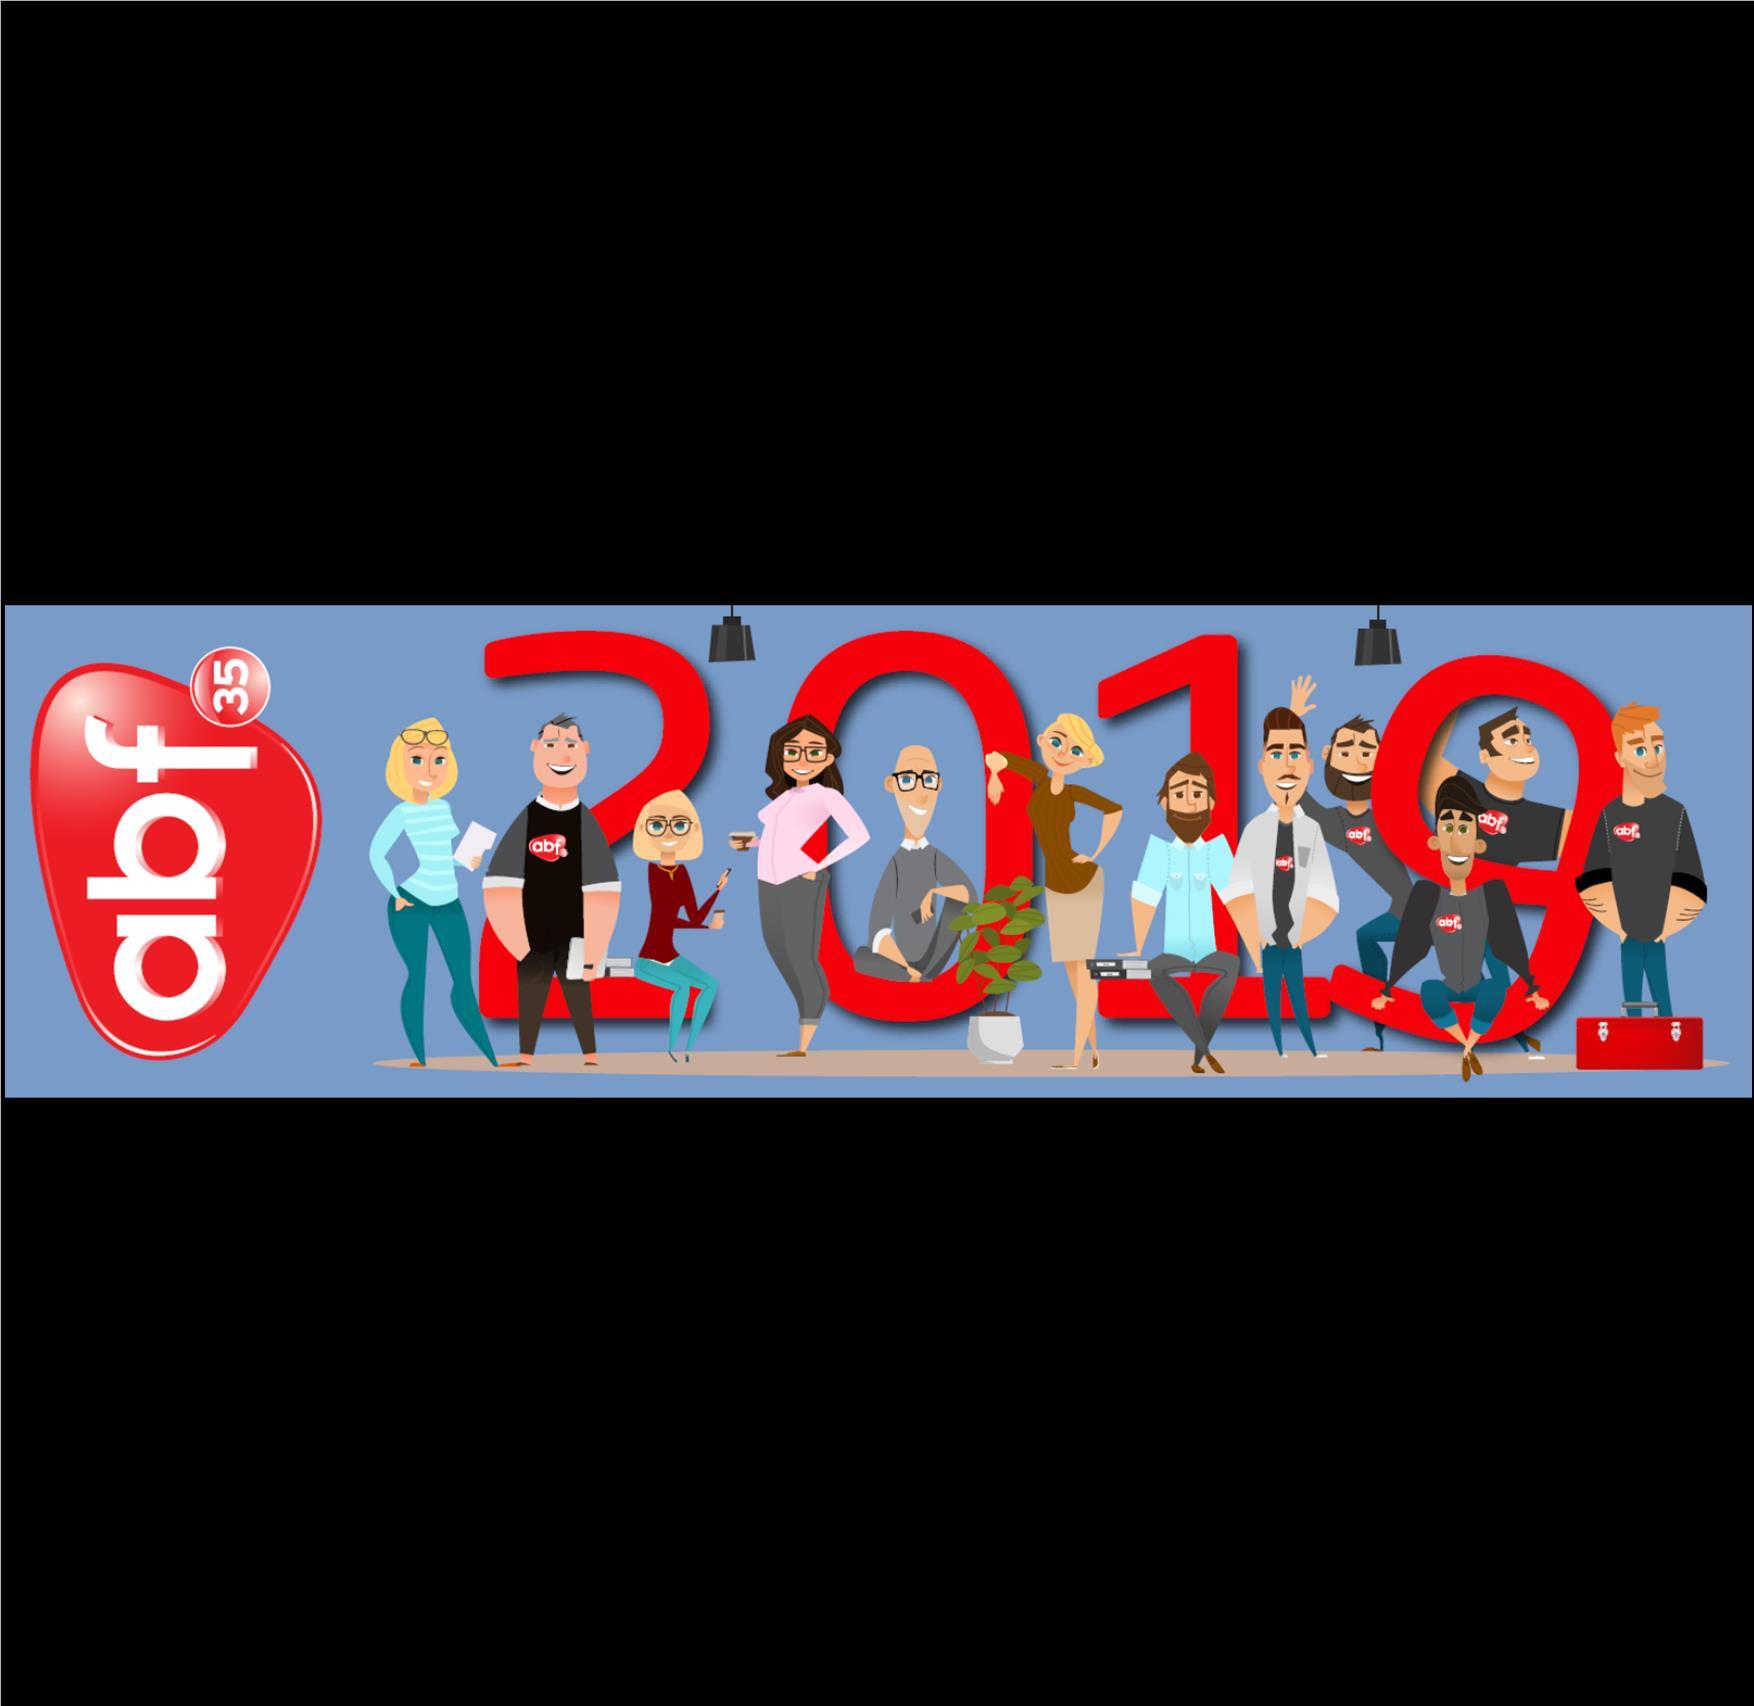 Toute l'équipe ABF35 vous souhaite une très belle année 2019 !